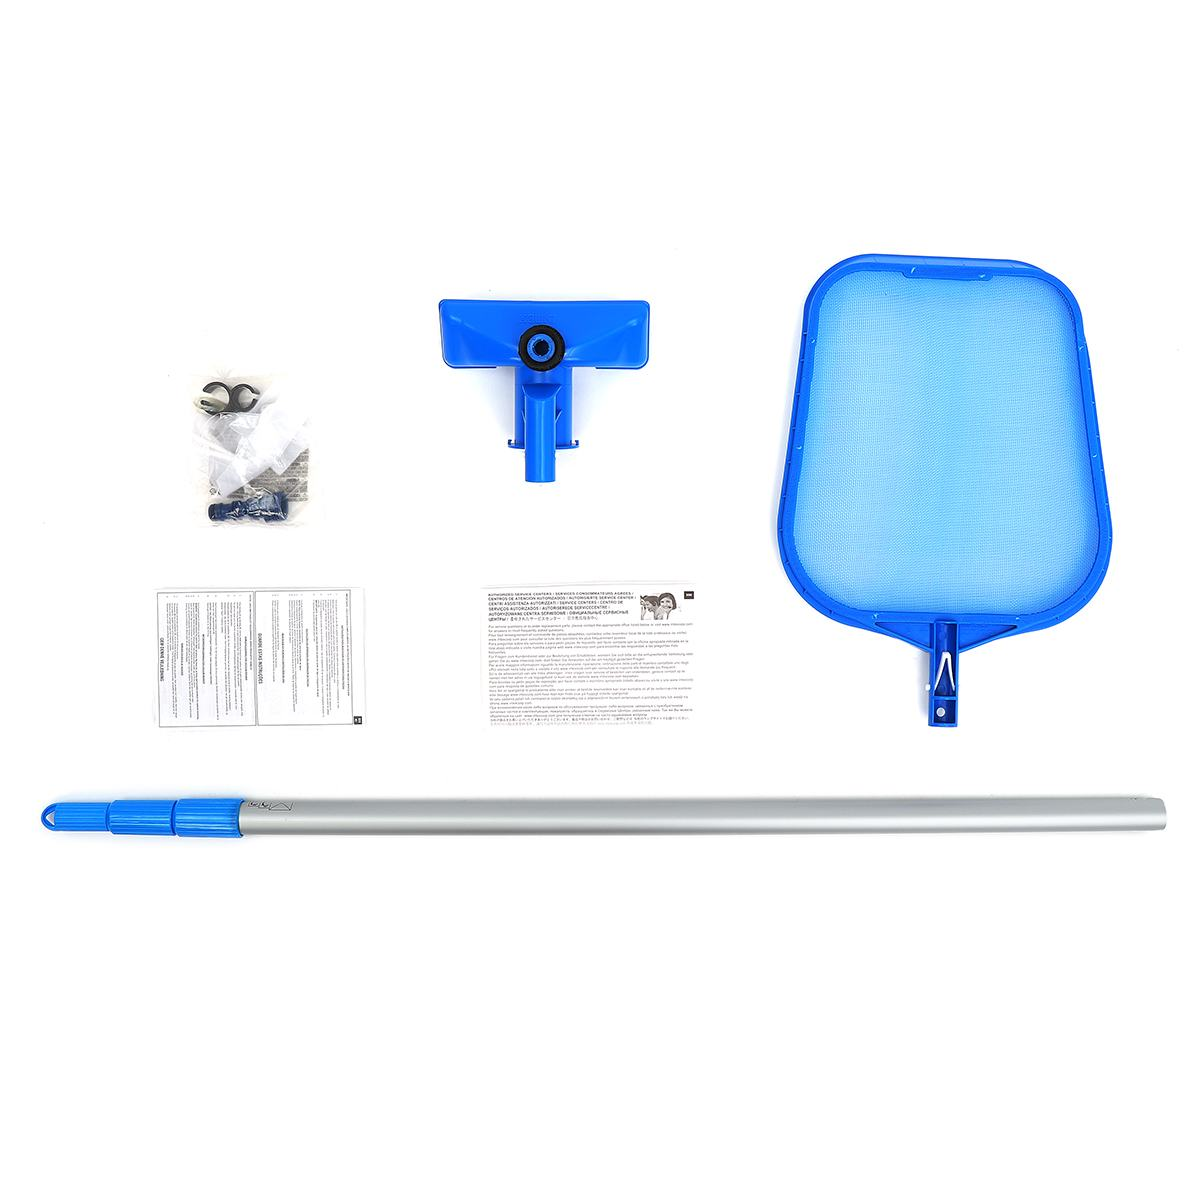 1 set Piscine Cleaner Kit Entretien À Vide Brosse Pôle Net Aspirateur Aspiration Tête Piscine De Nettoyage Accessoires